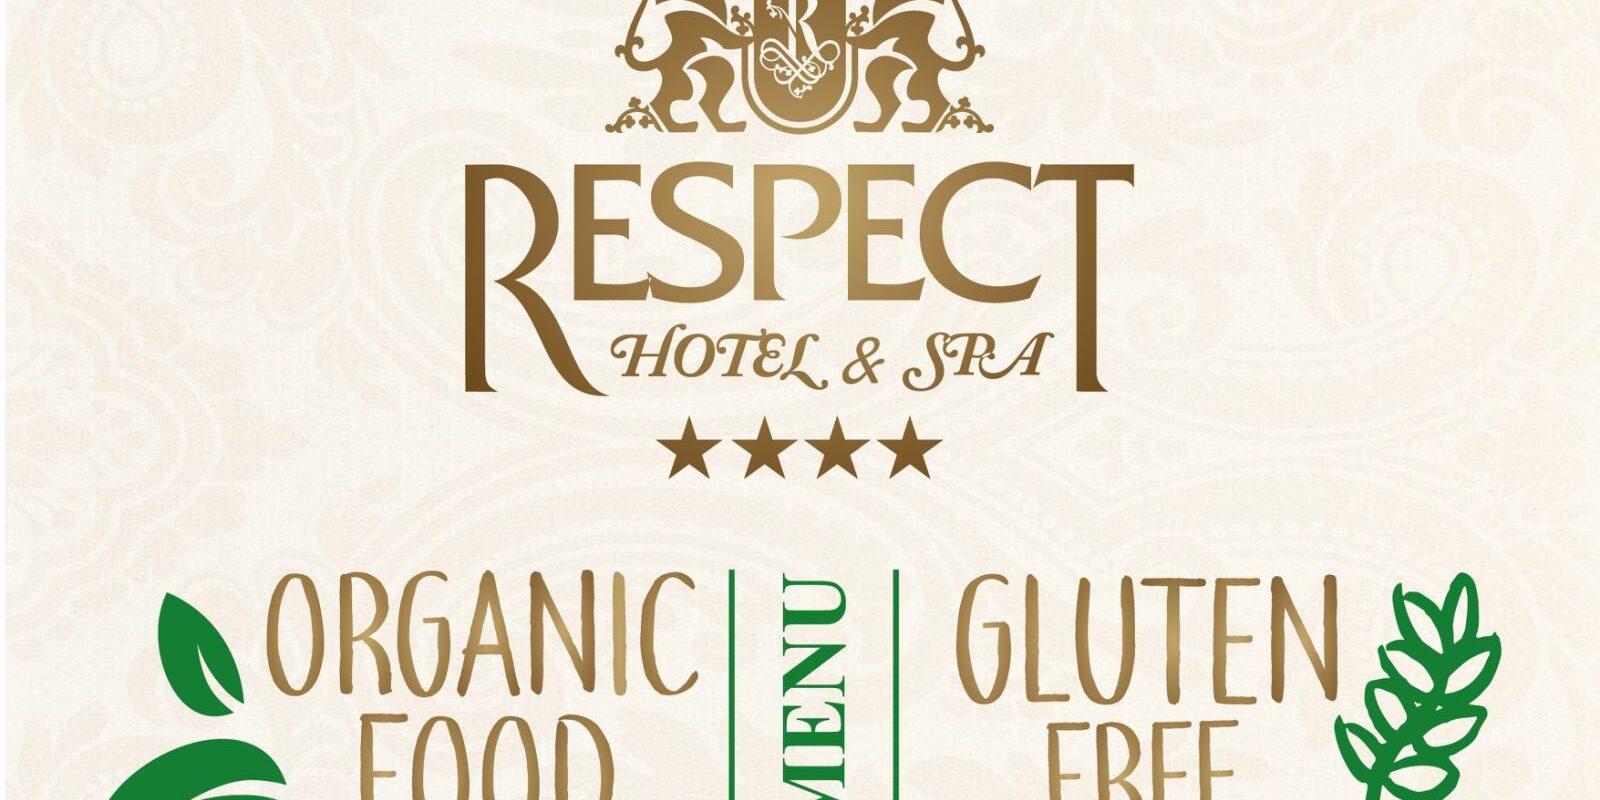 Безлактозне меню спа-готель Respect